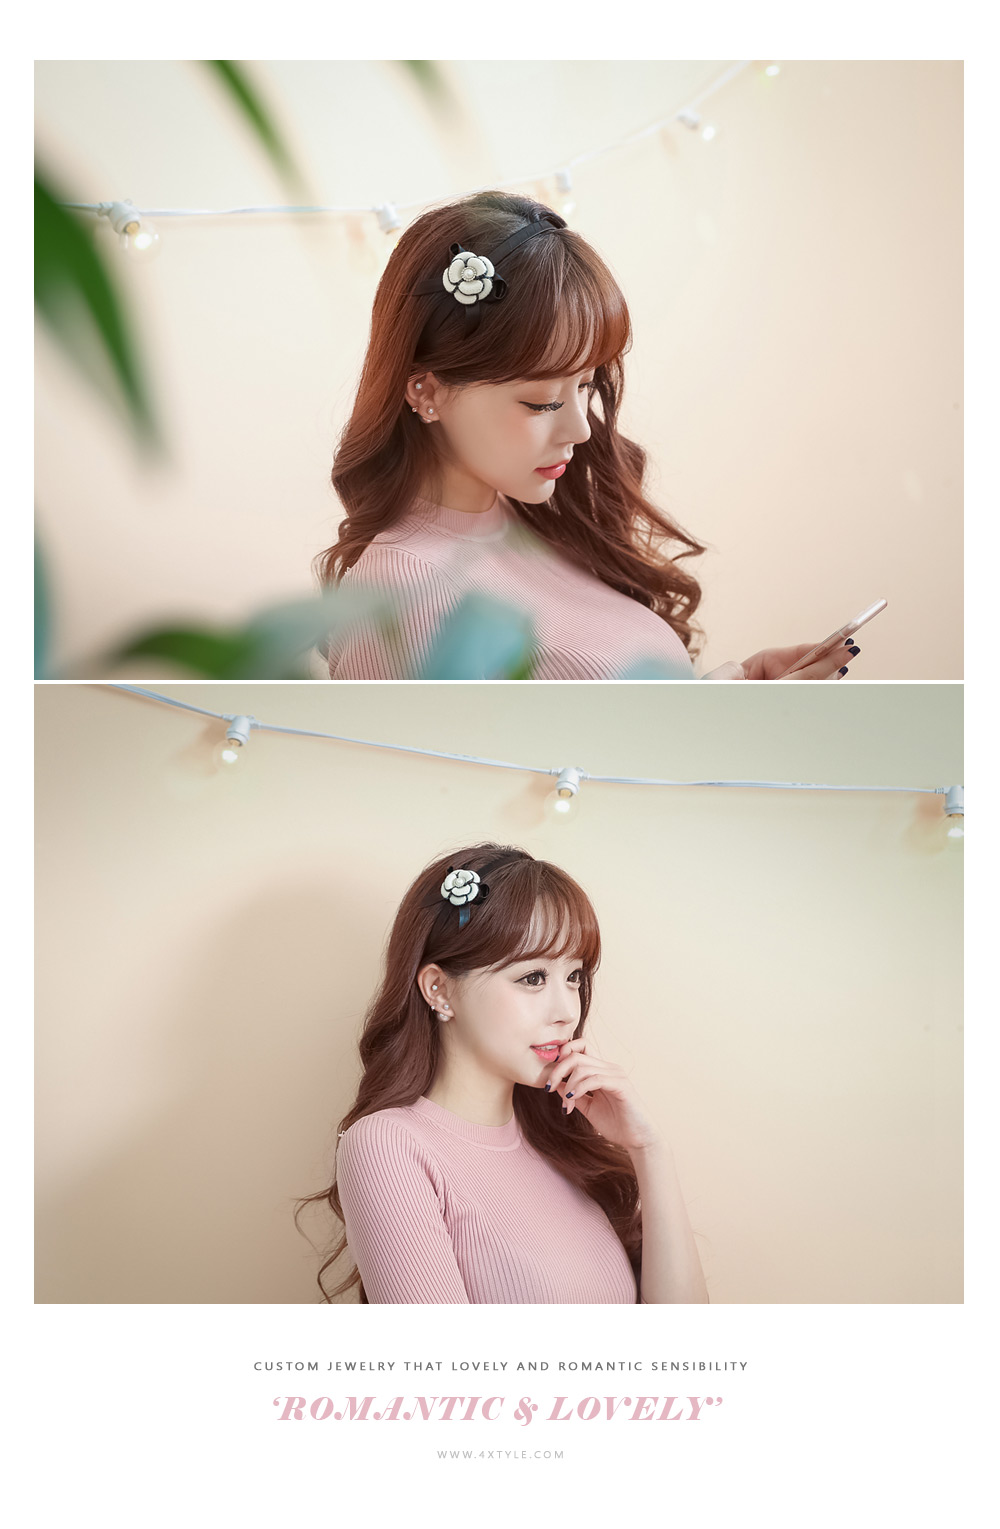 [ 4xtyle ] 珍珠耳环的Duet、6种类型